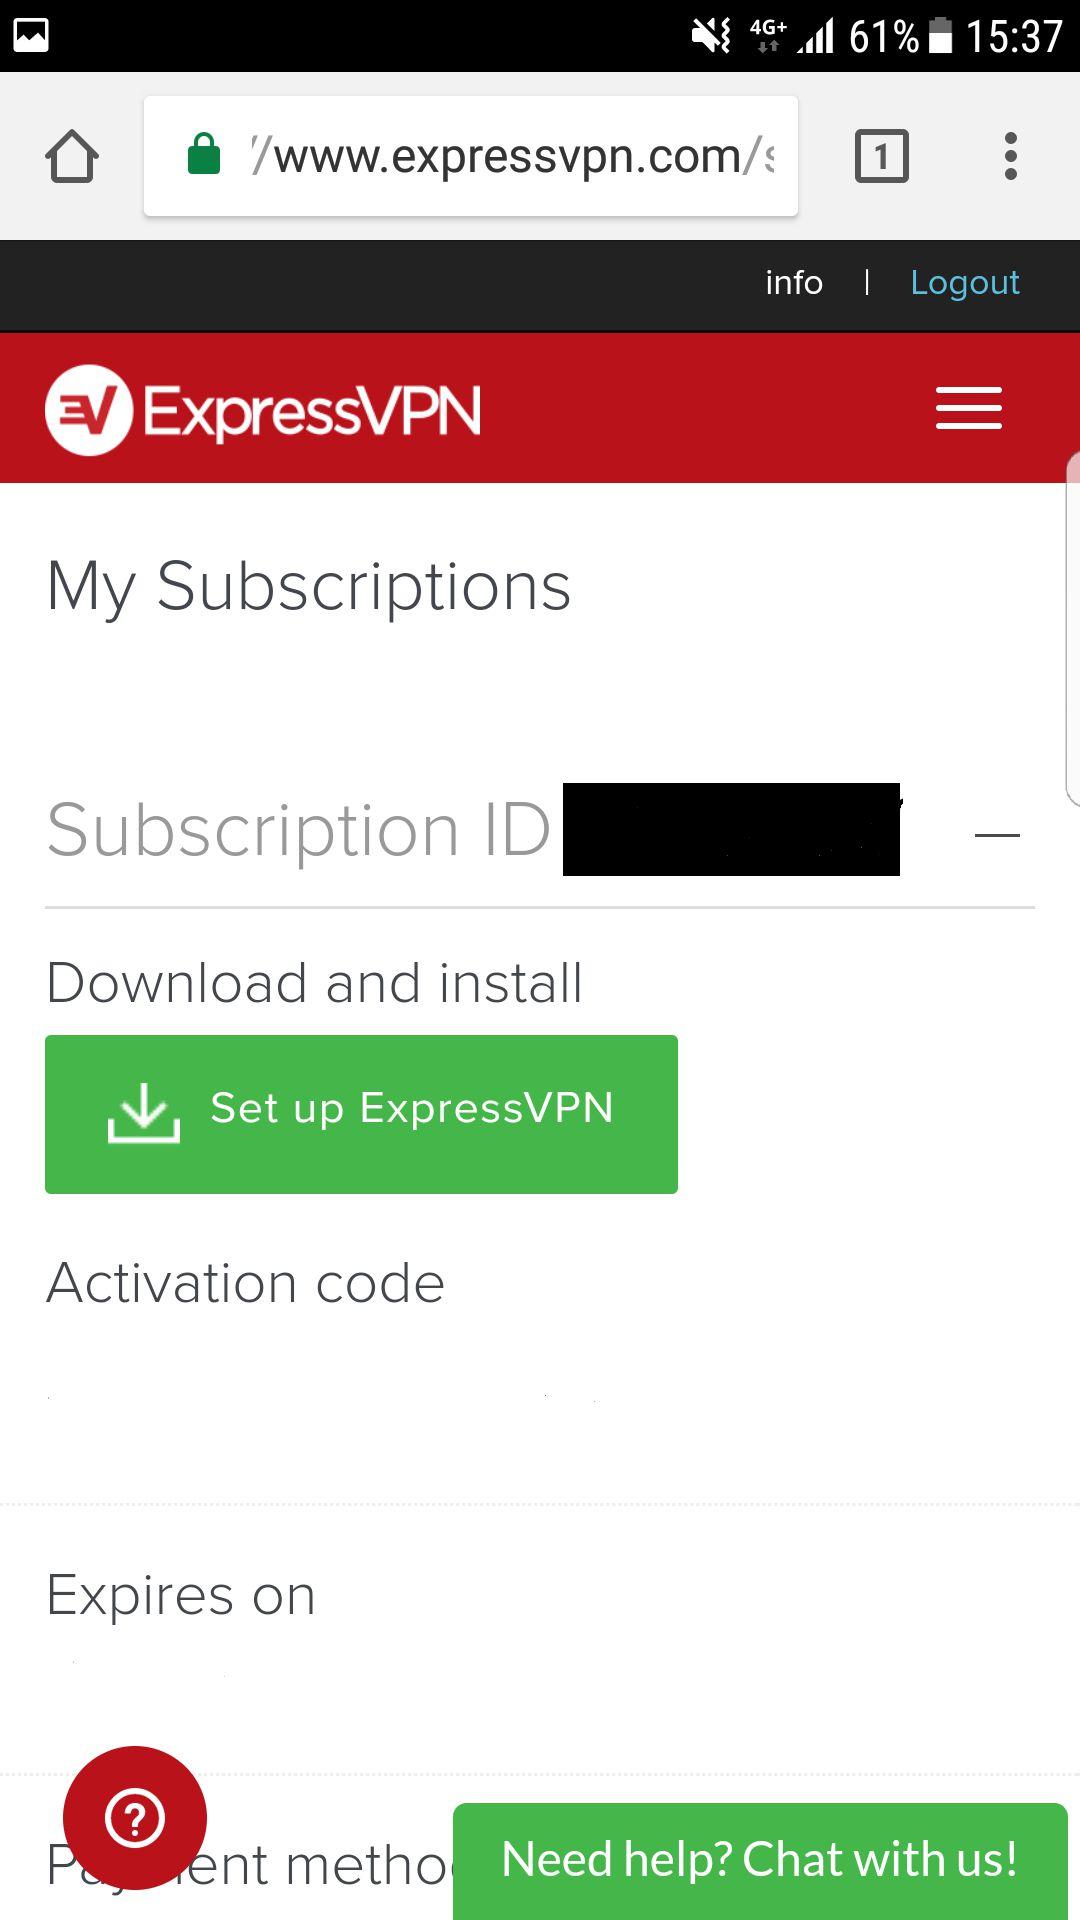 Set up ExpressVPN